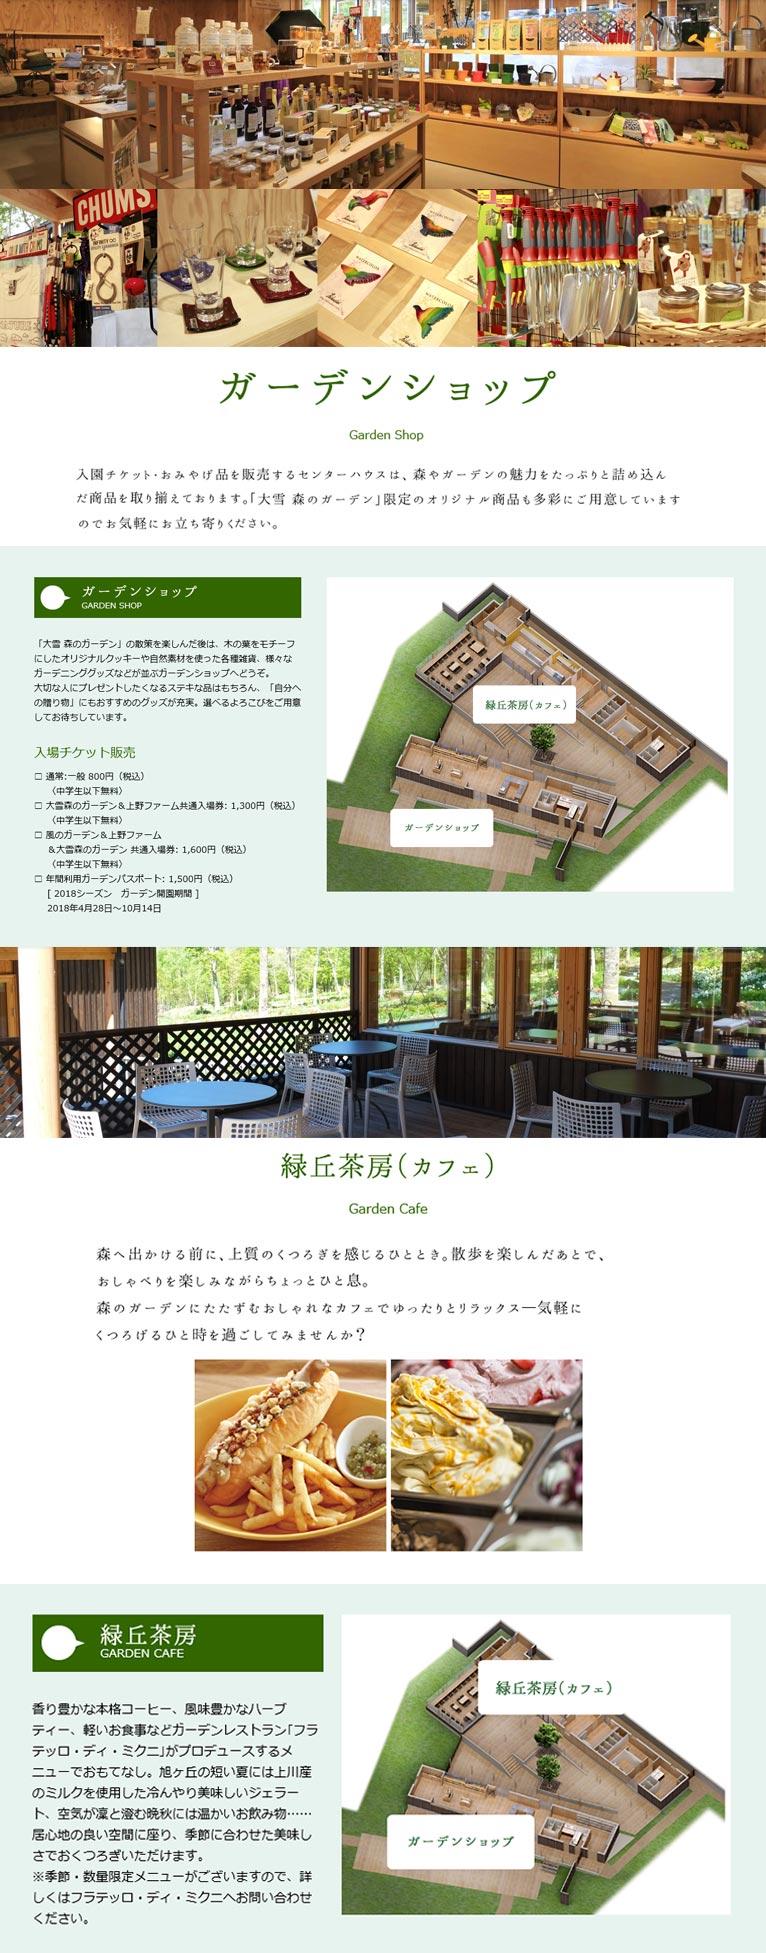 大雪森のガーデン紹介ページ ガーデンショップ&緑丘茶房(カフェ)